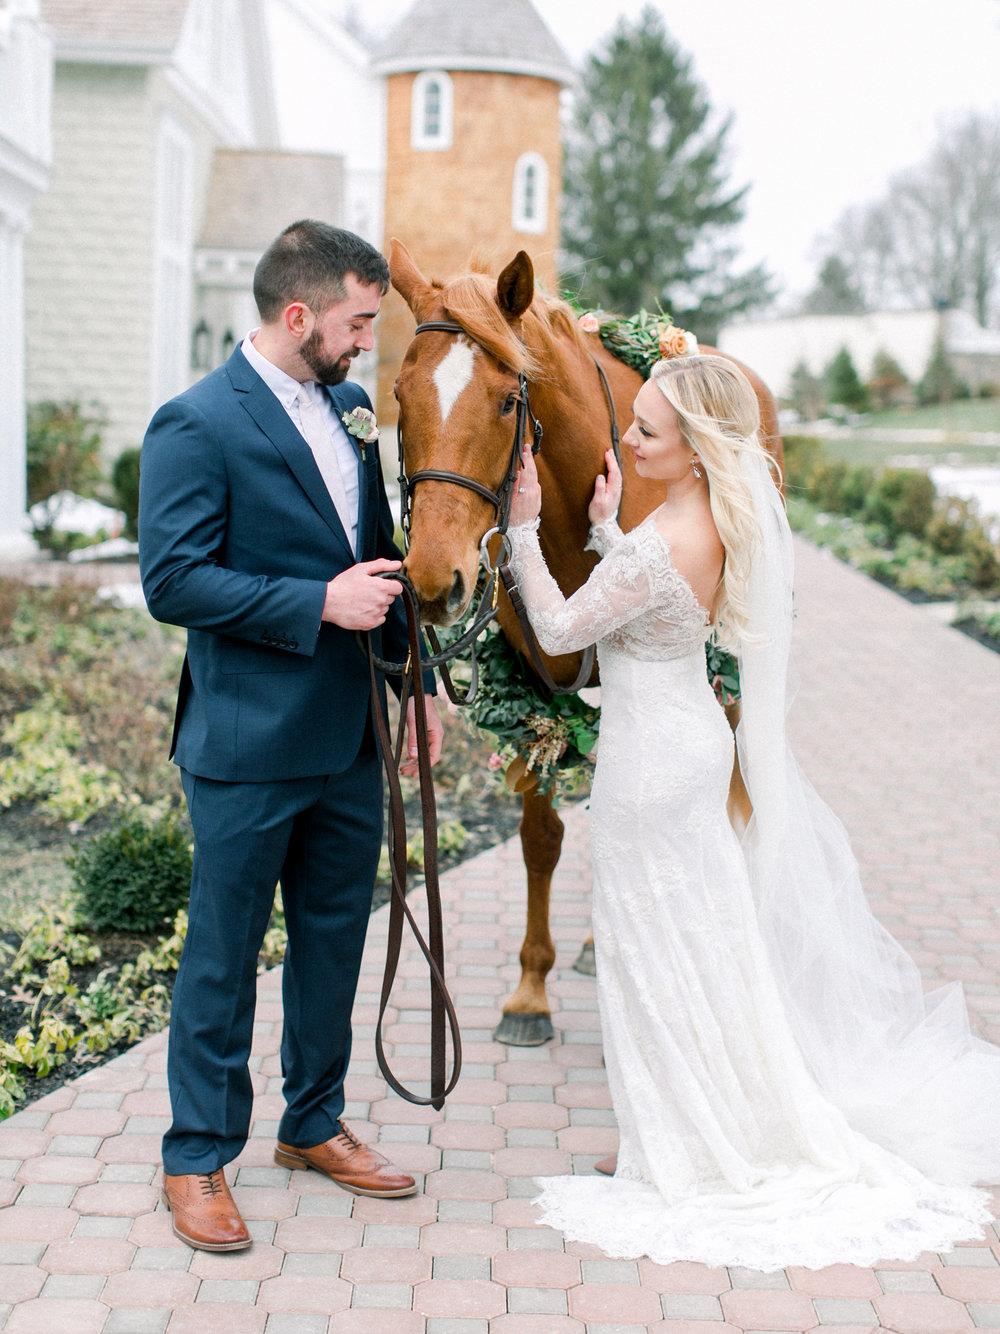 amanda_john_wedding_032318-559.jpg